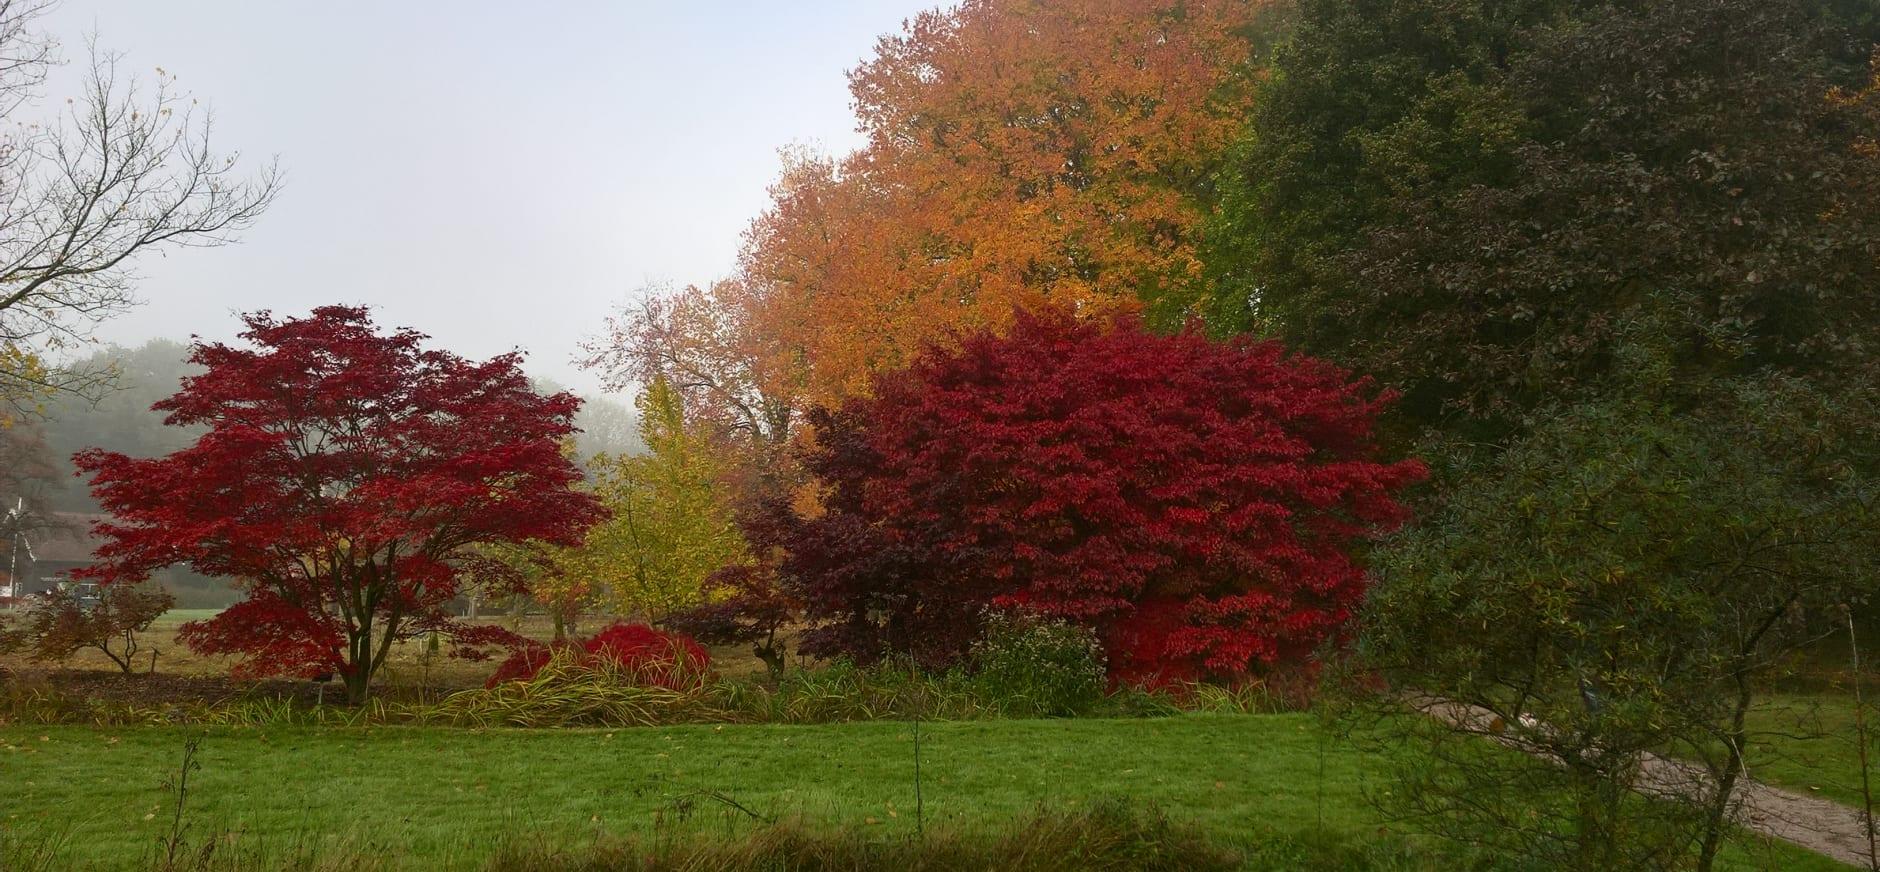 arboretum poort bulten herfst